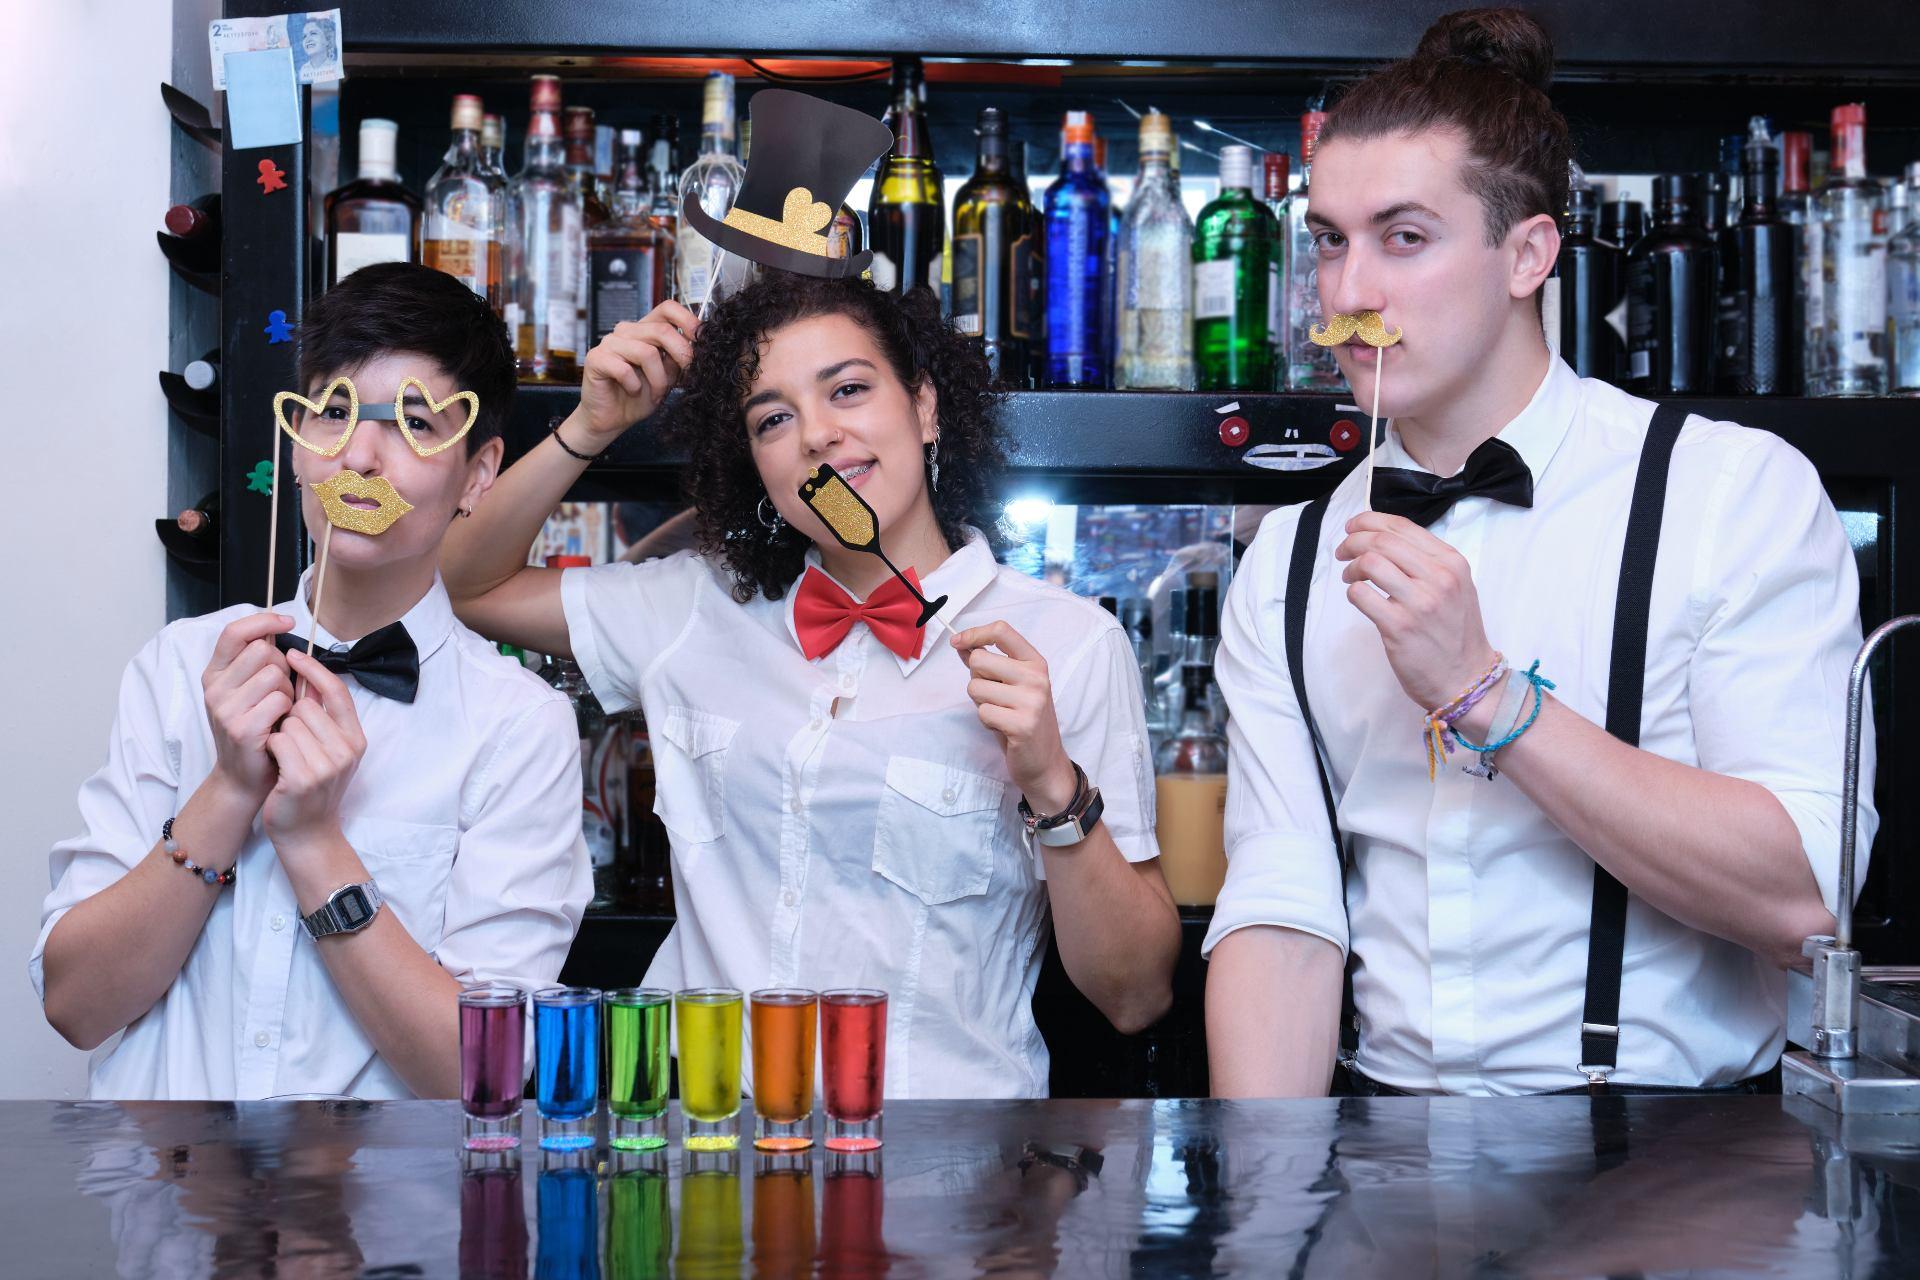 Les bars gay d'Europe les plus populaires